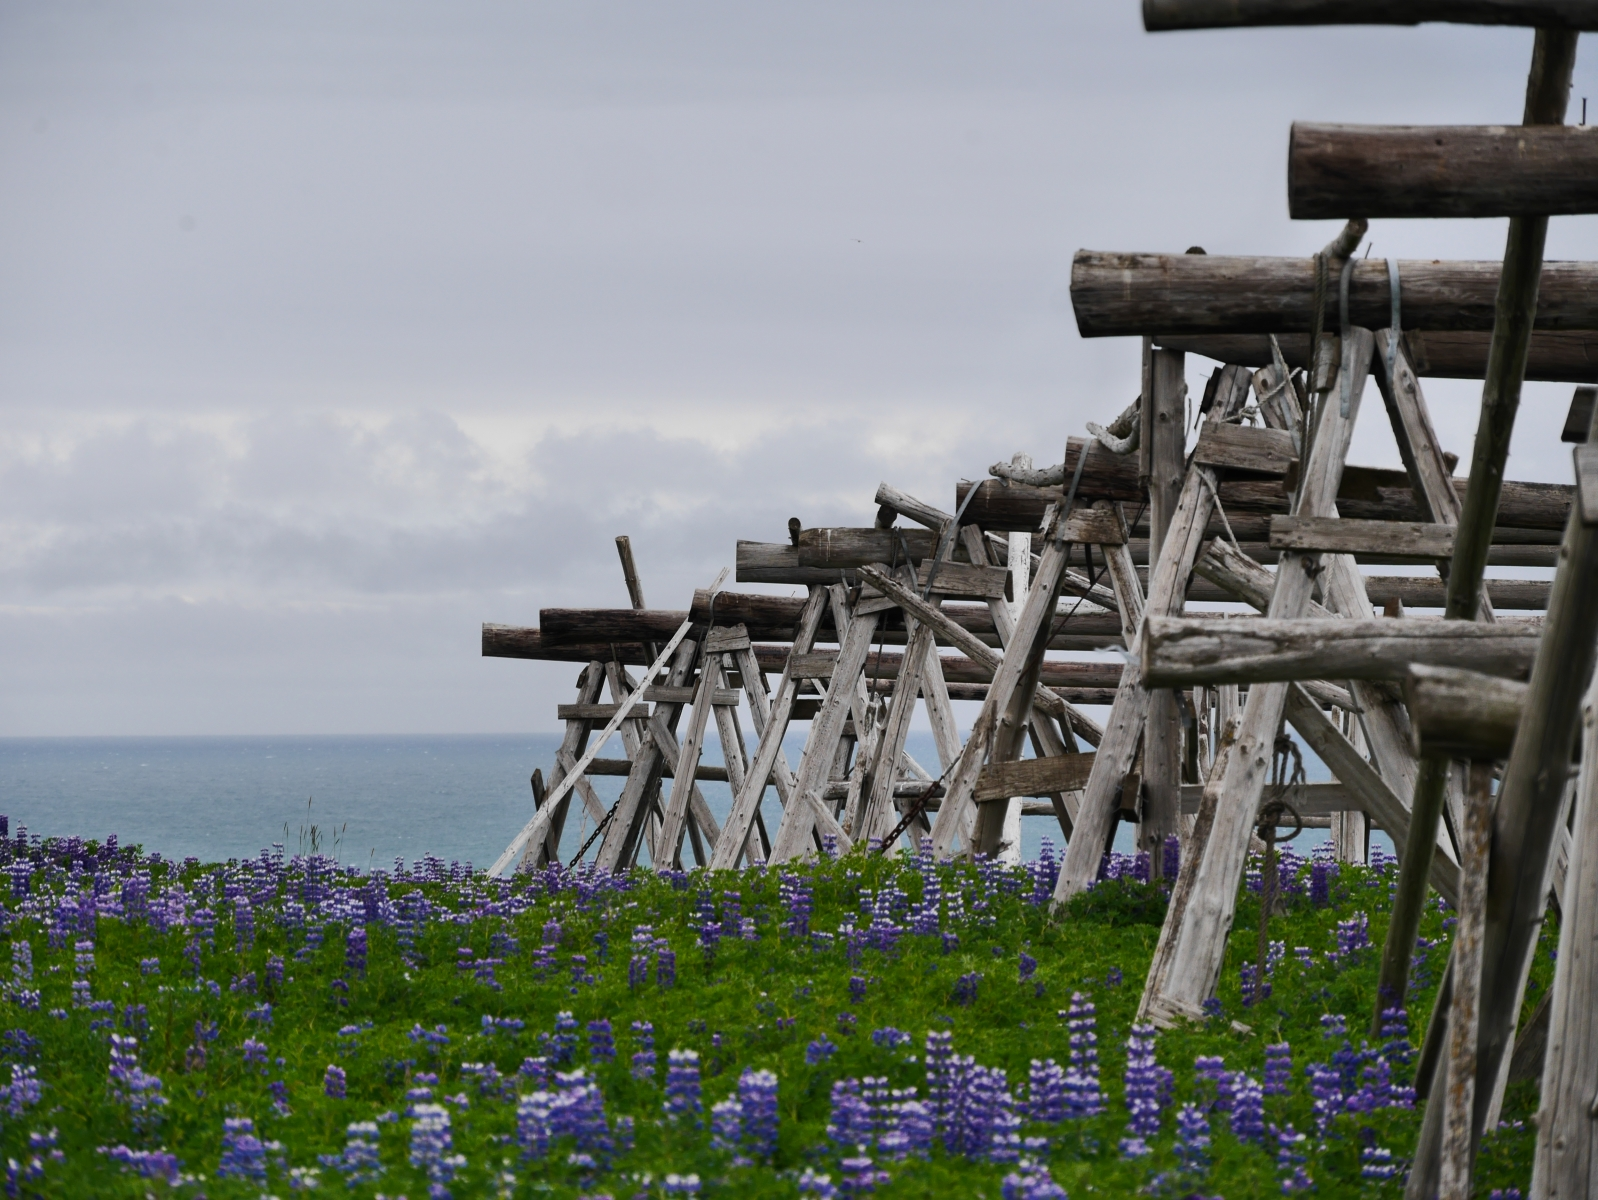 Holzgestelle, die zur Trocknung von Fisch dienen, umgeben von Lupinen, die in dieser Jahreszeit überall üppig blühen.